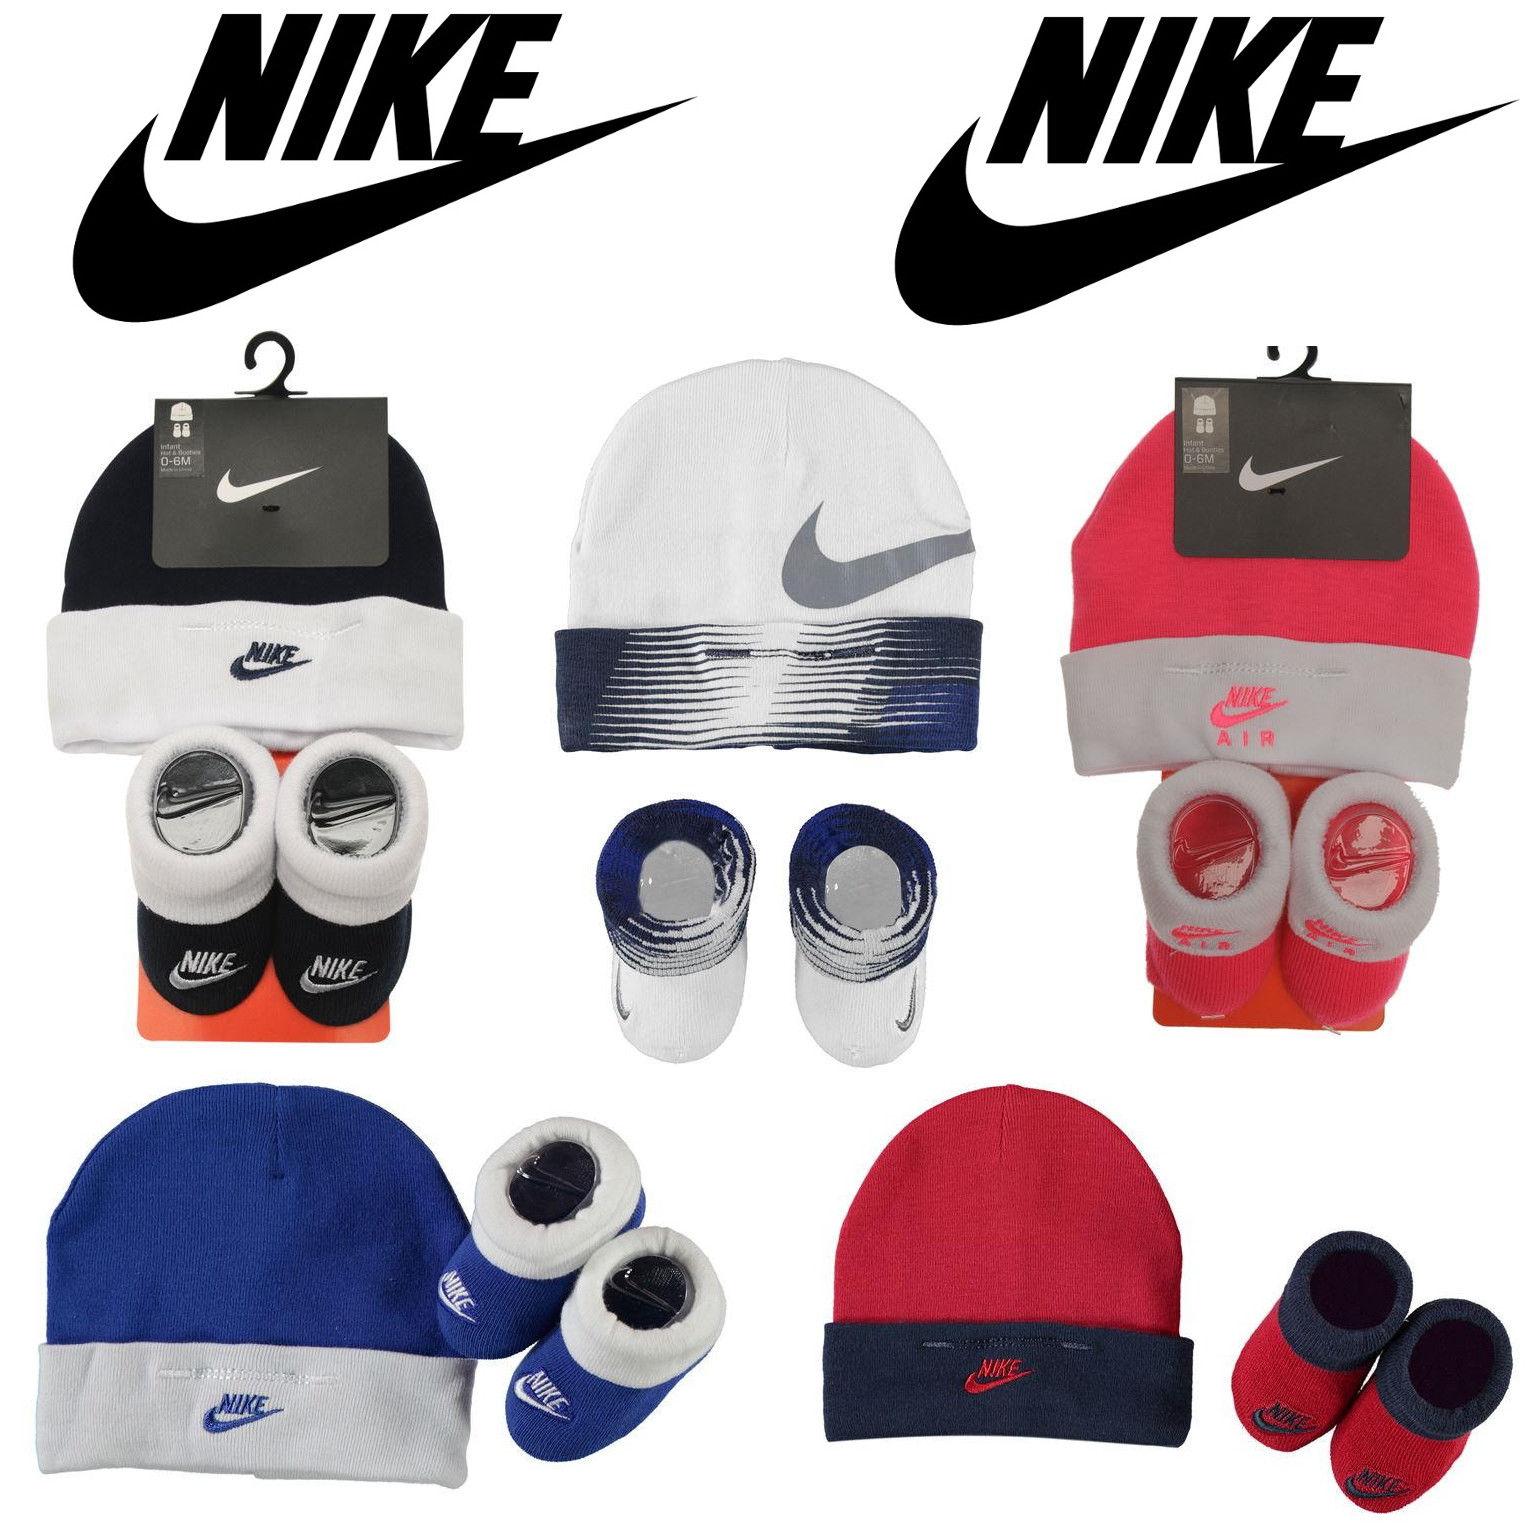 Baby Geburt Geschenk Nike Newborn Geschenkset Junge Mädchen Newborn Nike Air